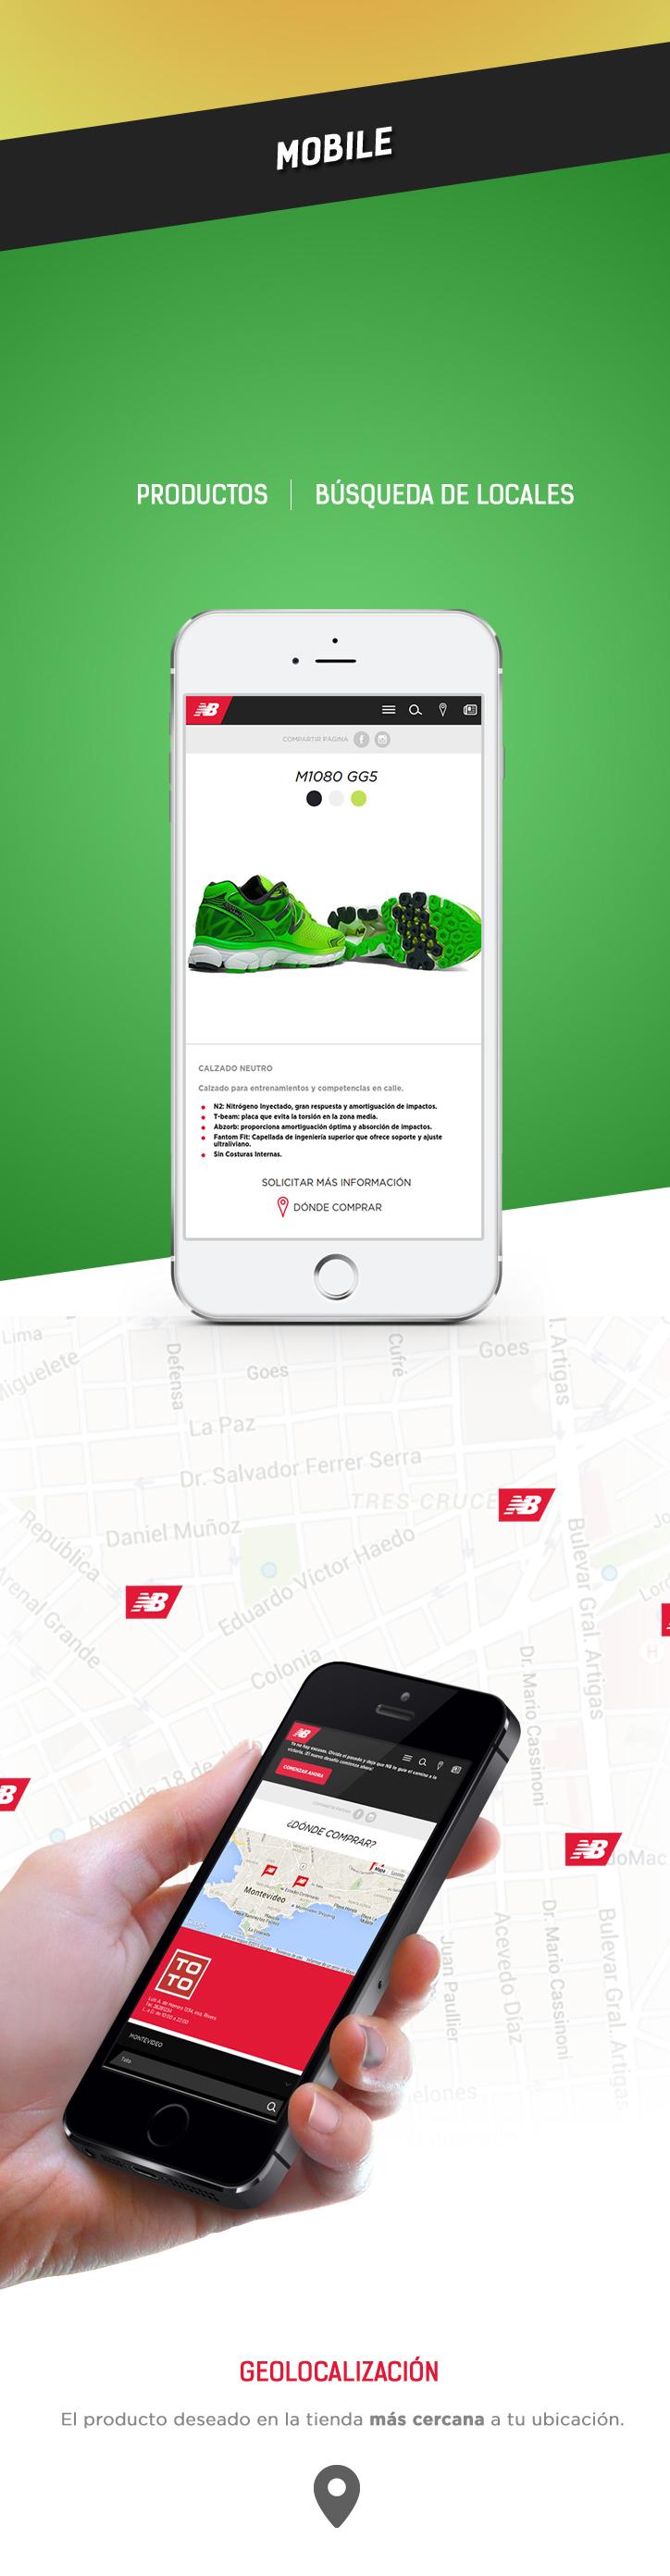 Mobile (Productos, Búsqueda de Locales)